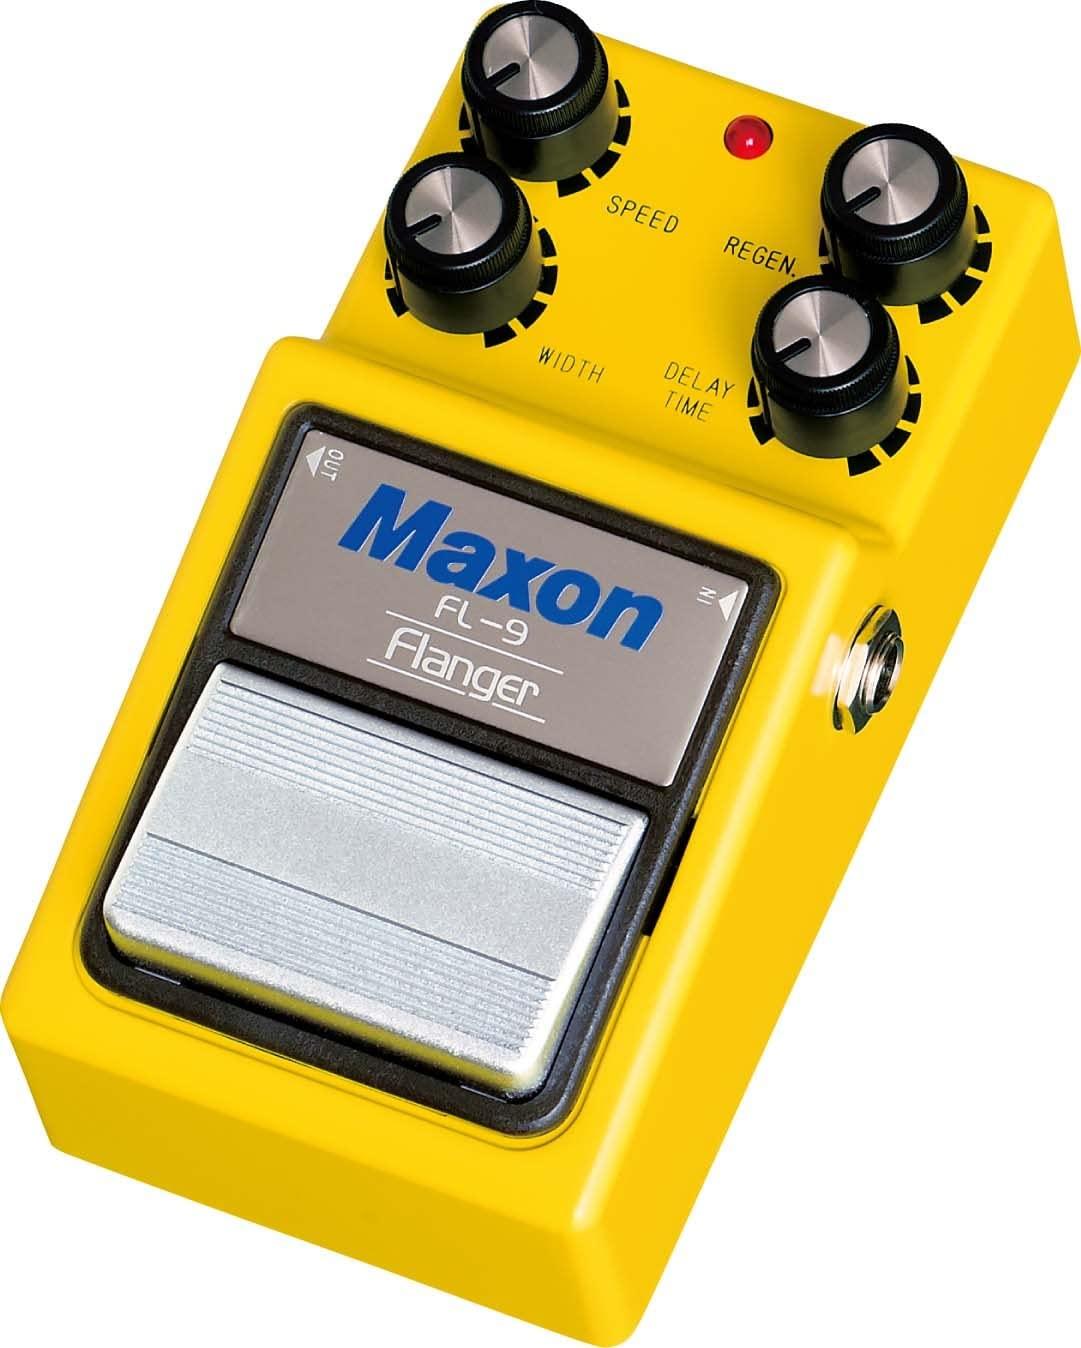 MAXON-FL-9-sku-160009310193222